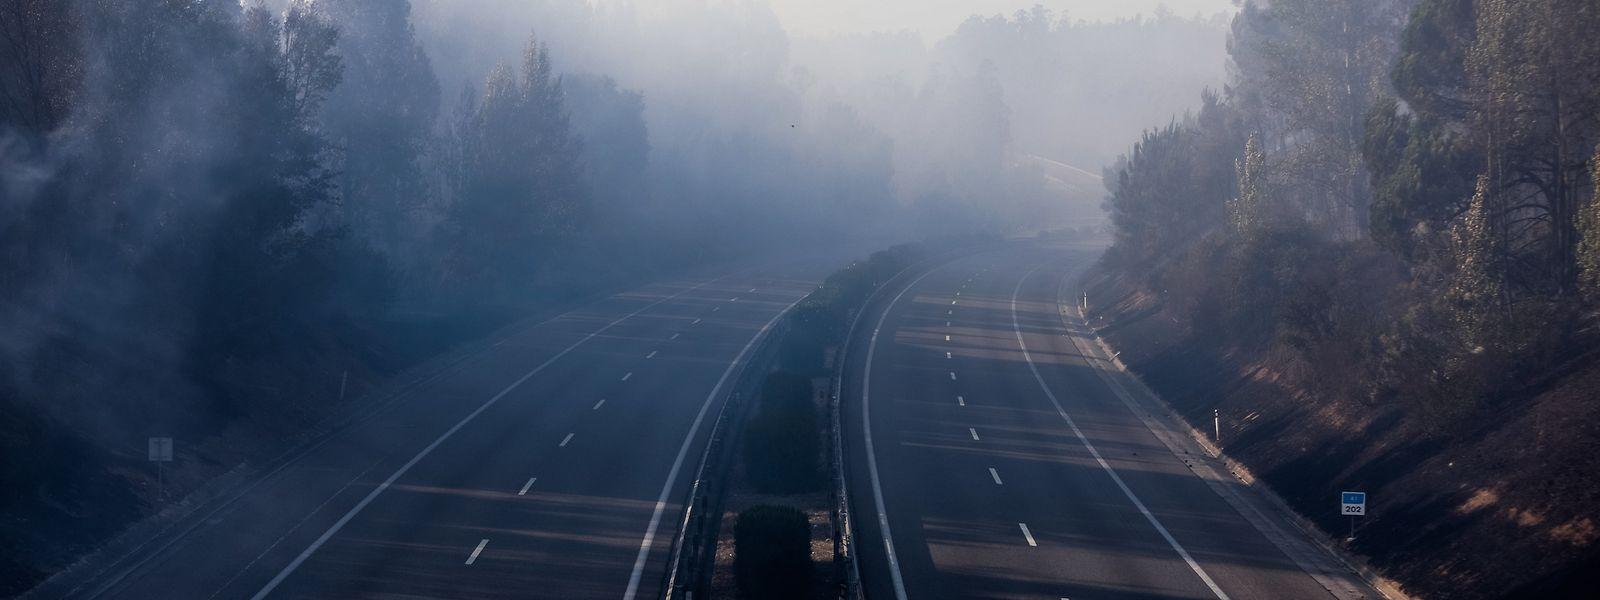 A auto-estrada A1 está cortada entre Coimbra e Mealhada devido ao incêndio que deflagrou ao início da tarde em Barcouço, Mealhada, 10 de agosto de 2017. PAULO NOVAIS/LUSA